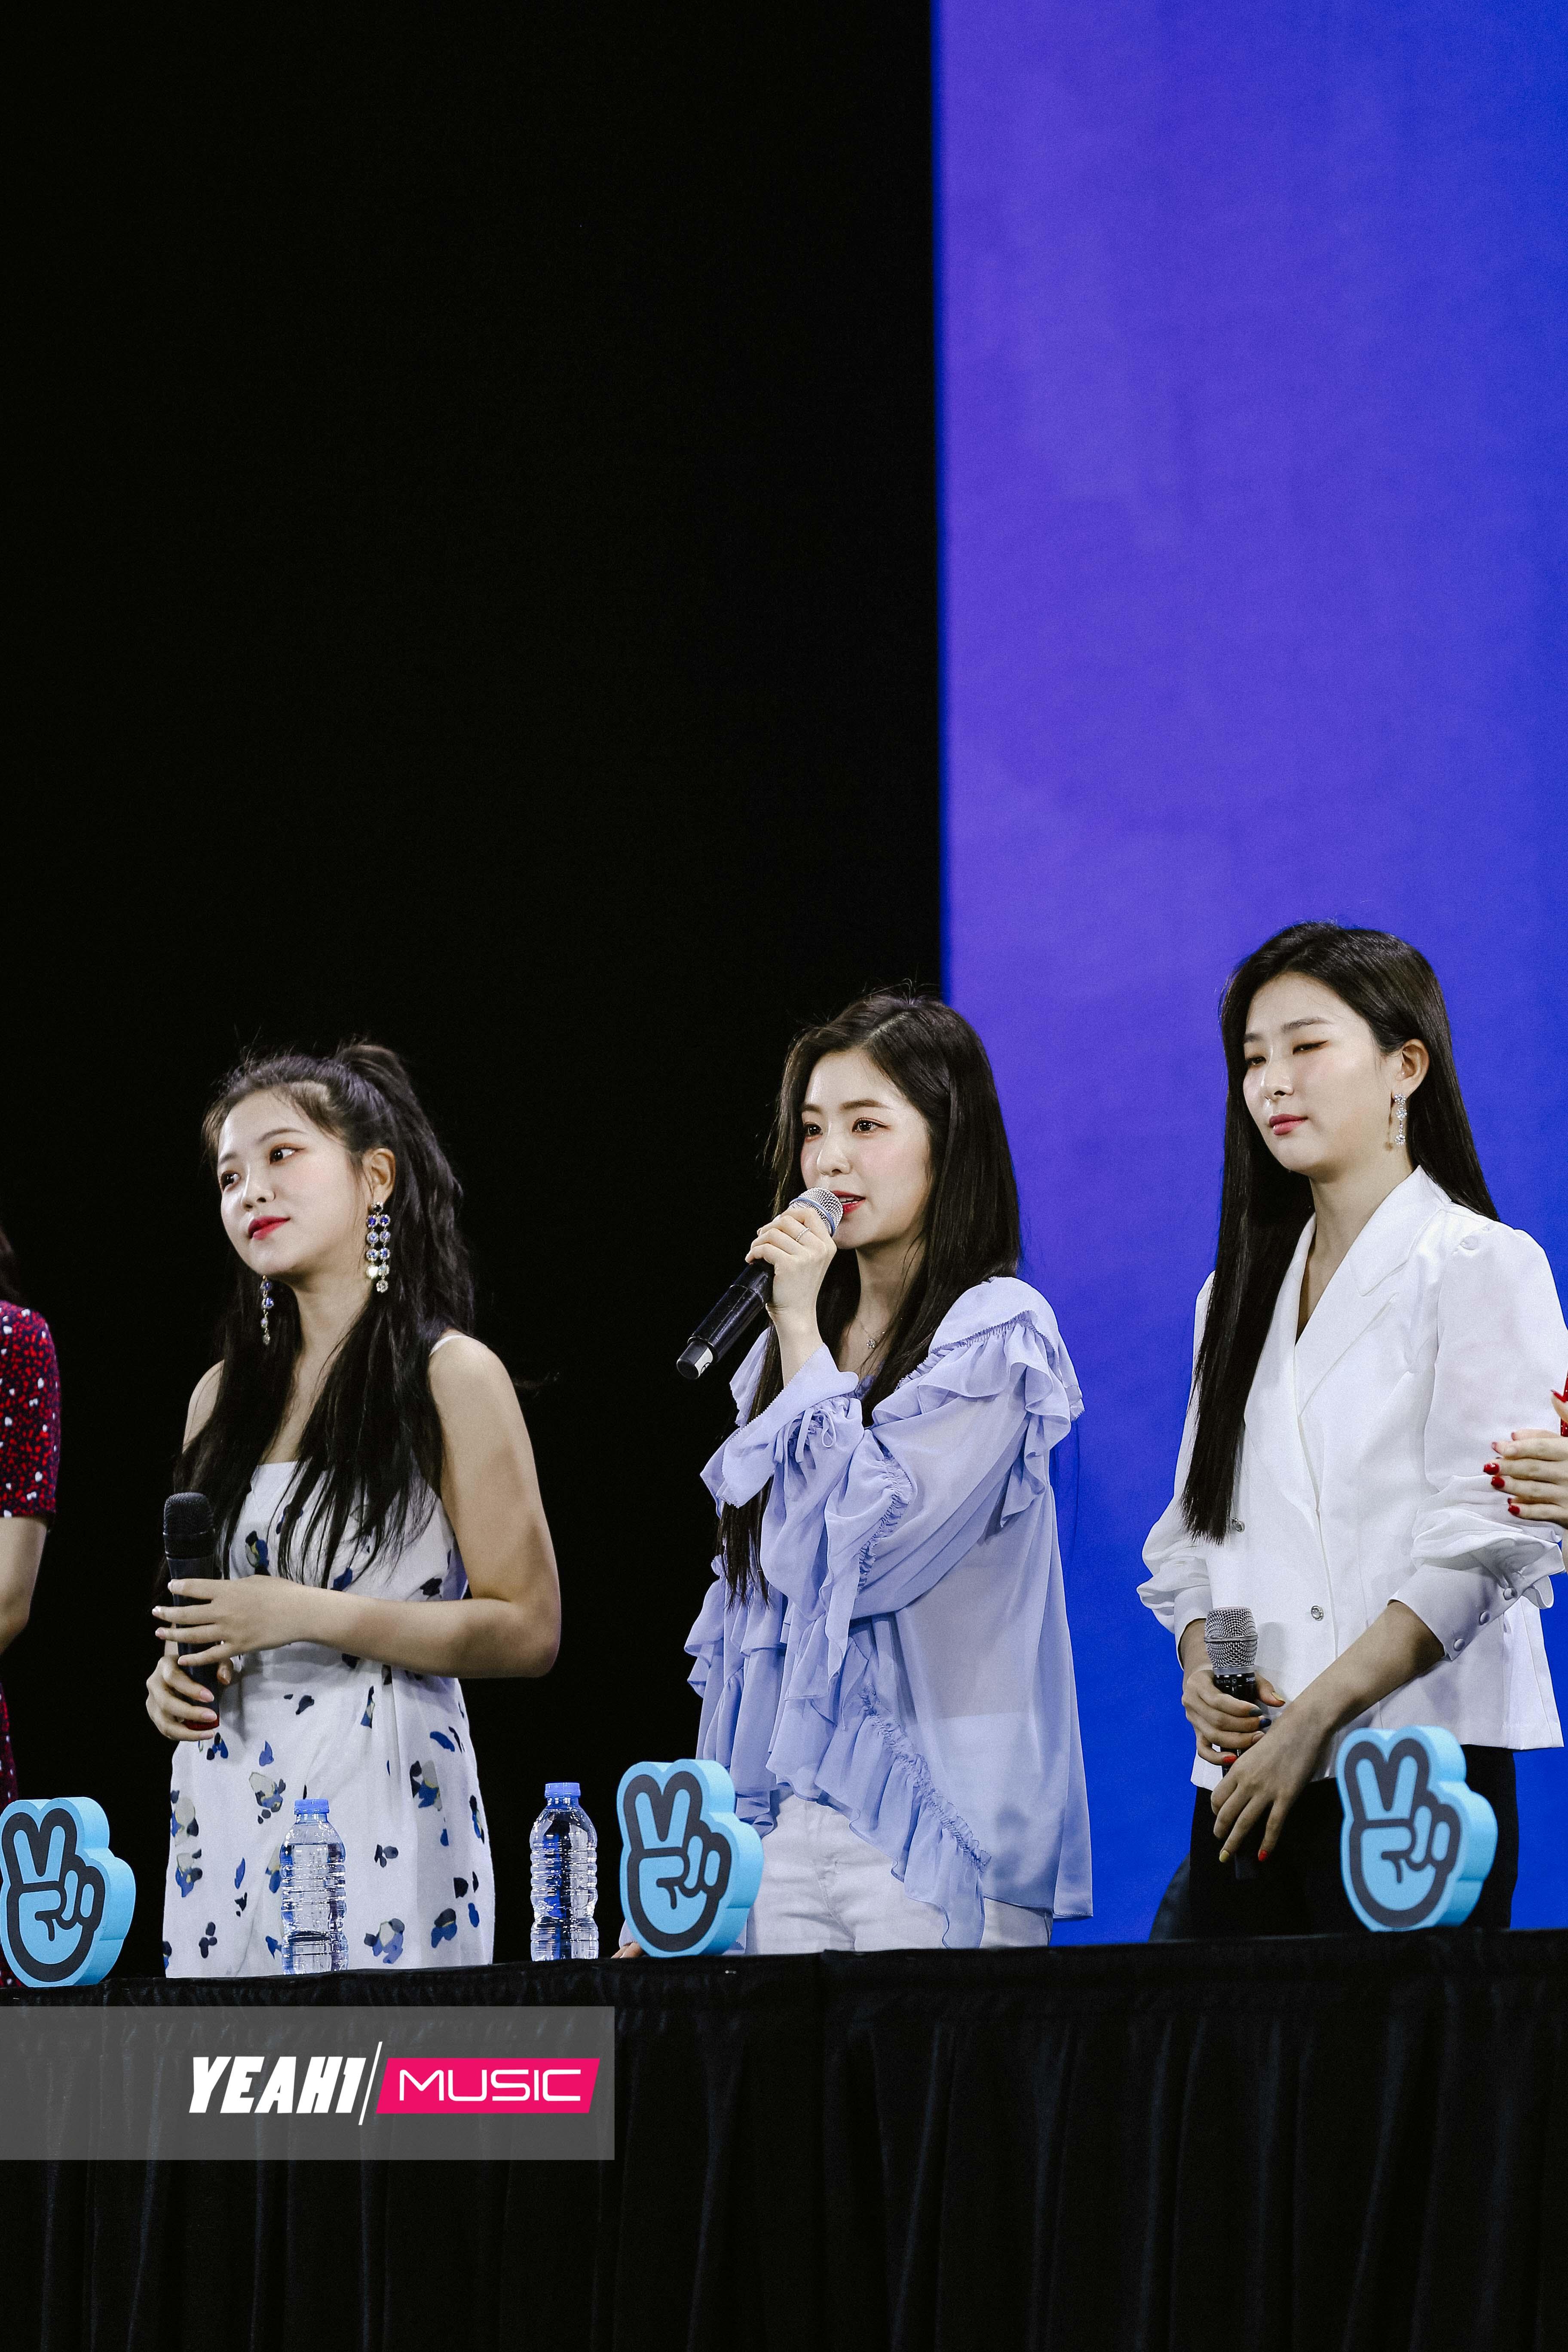 Mỹ nhân nhà SM - Red Velvet khoe nhan sắc đỉnh cao tại buổi họp báo đầu tiên tại Việt Nam